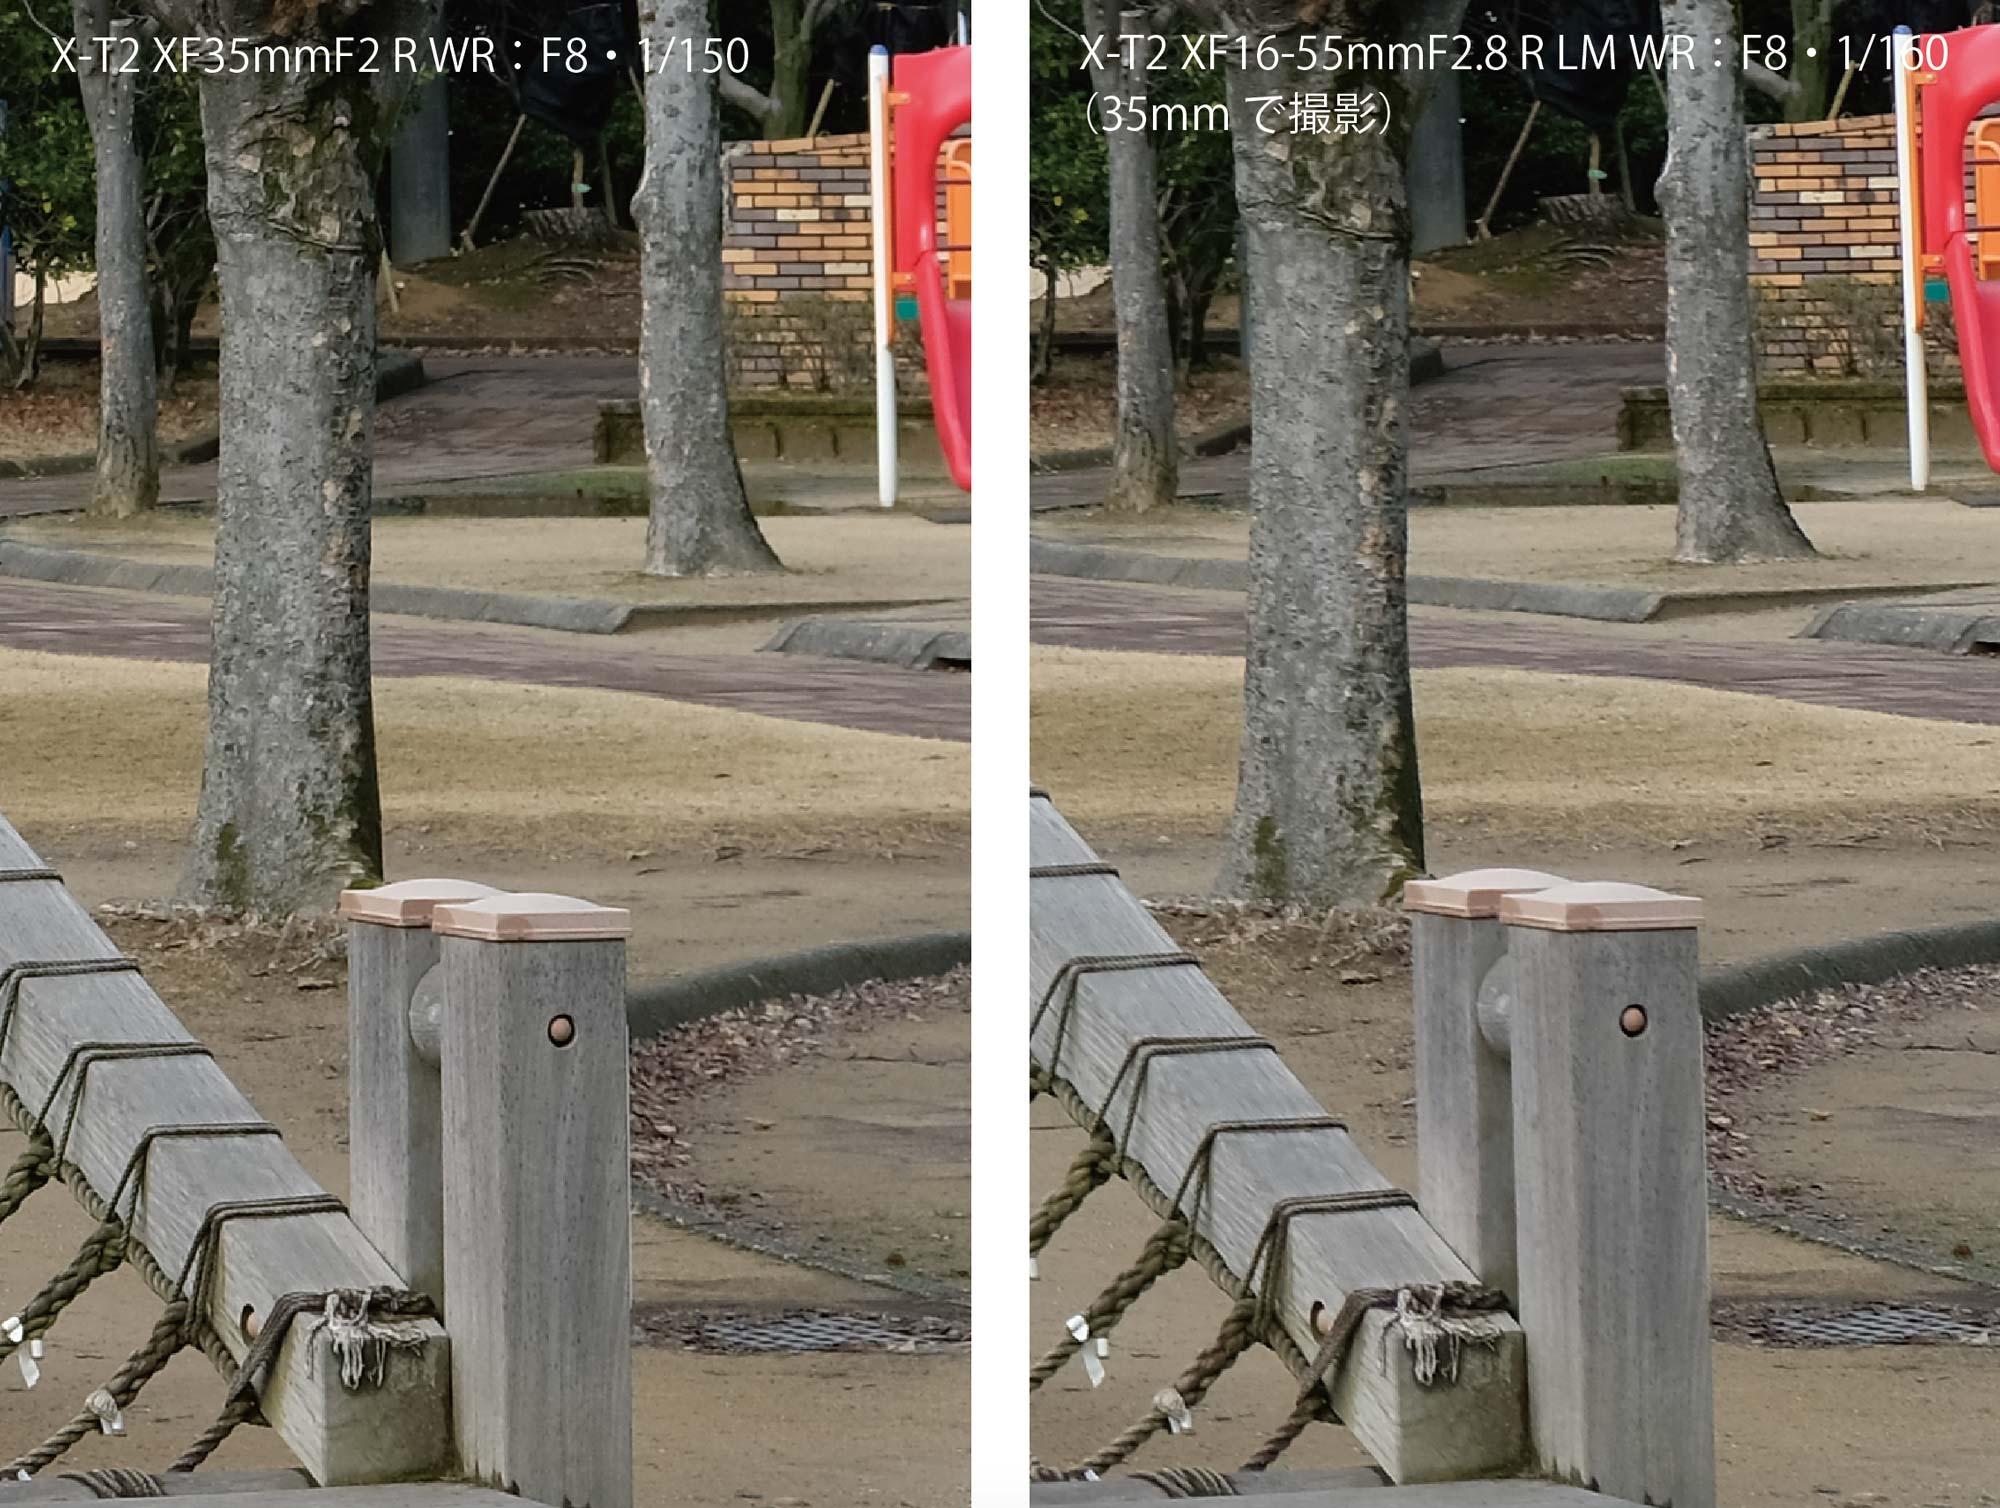 XF35mmF2・XF16-55mmF2.8 画質を比較(網の遊具)